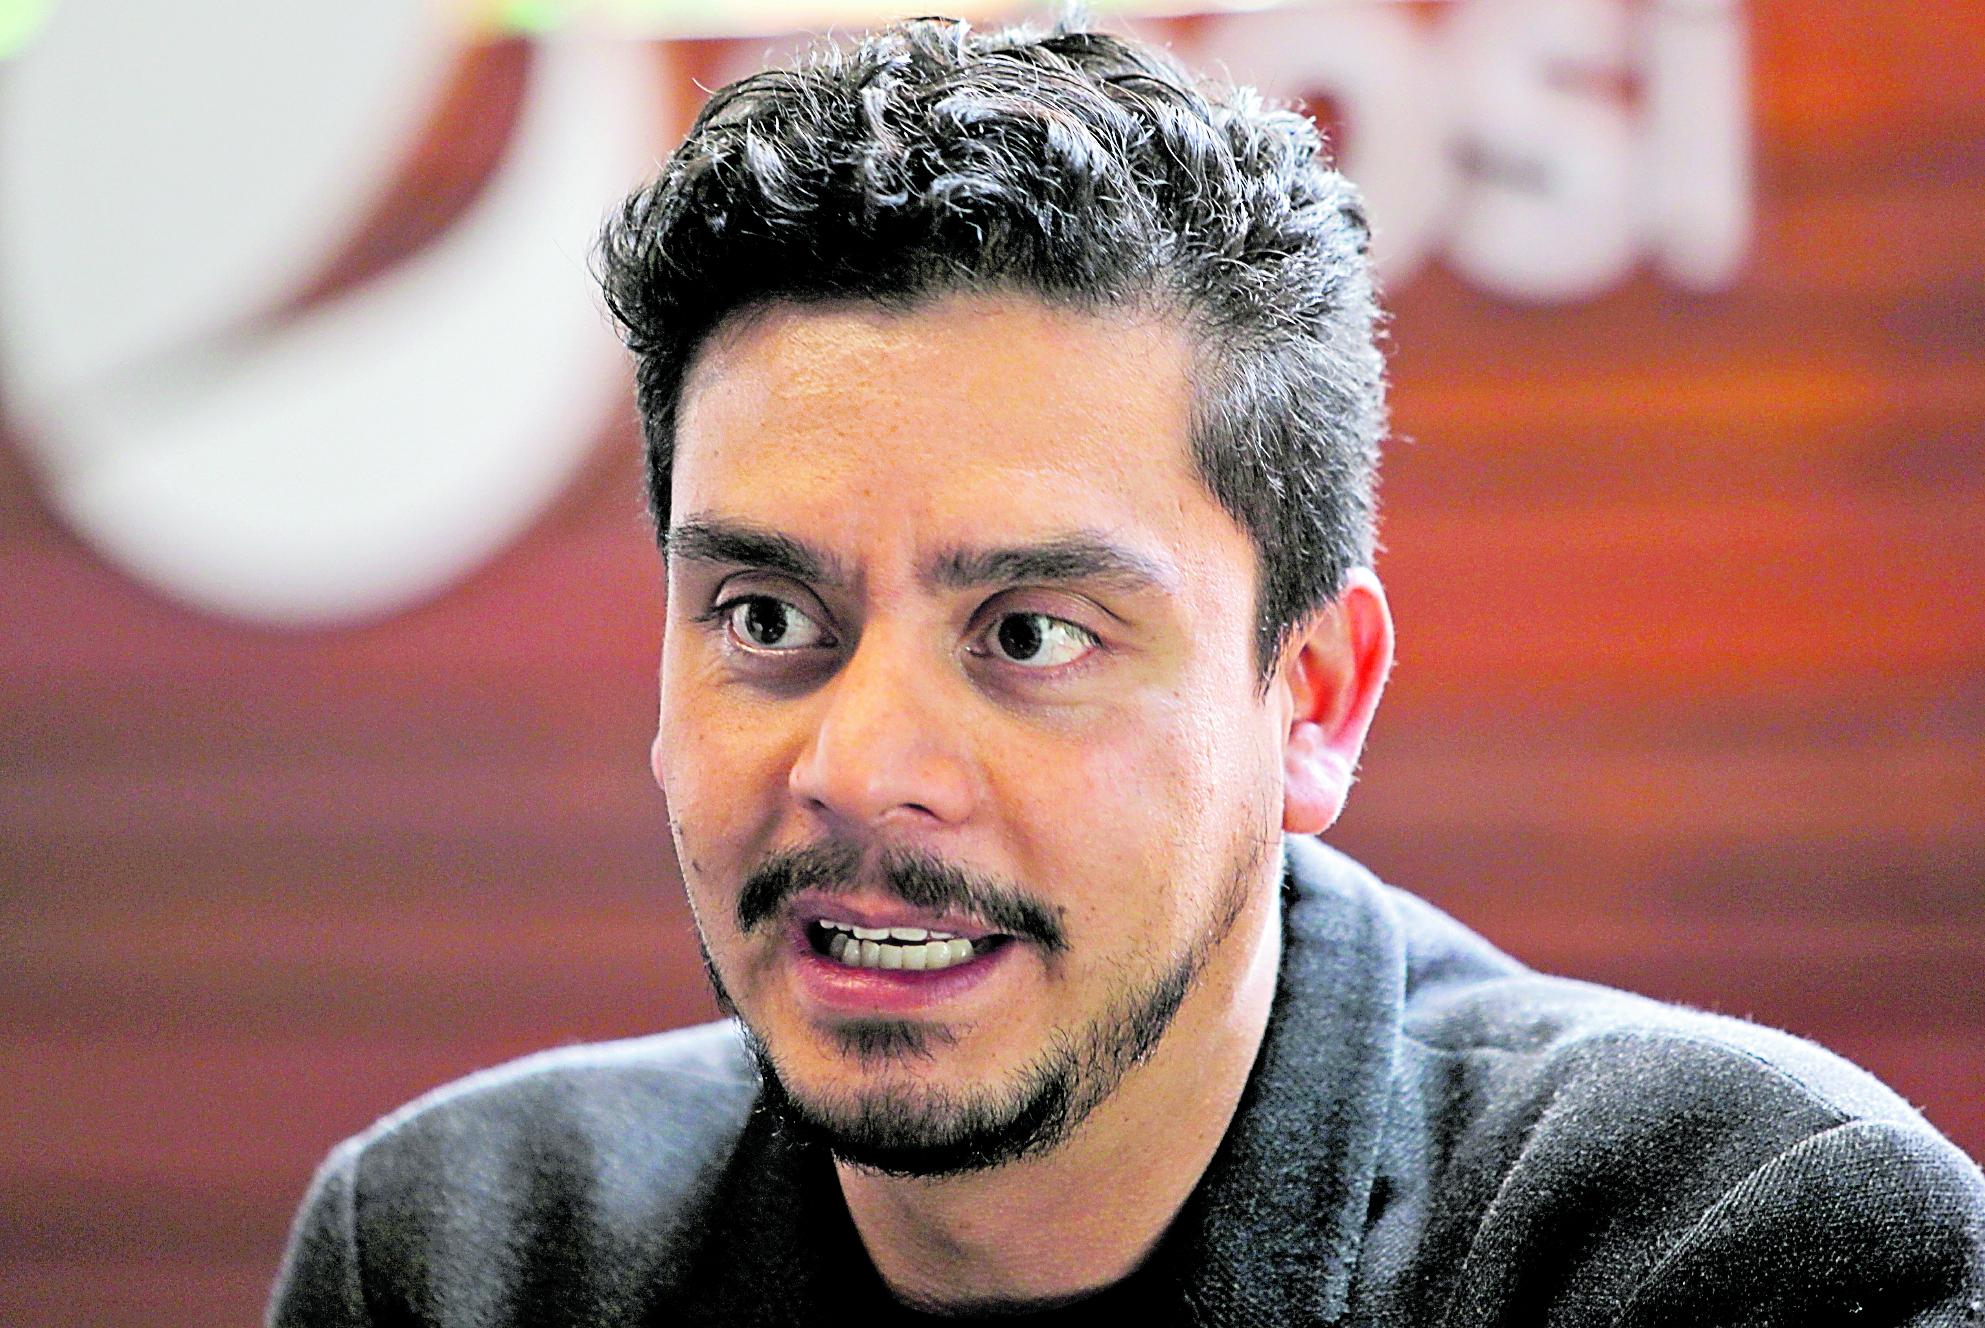 Jayro Bustamante participó por primera vez en la Berlinale en 2015, con la premiada Ixcanul. (Foto: Hemeroteca PL).